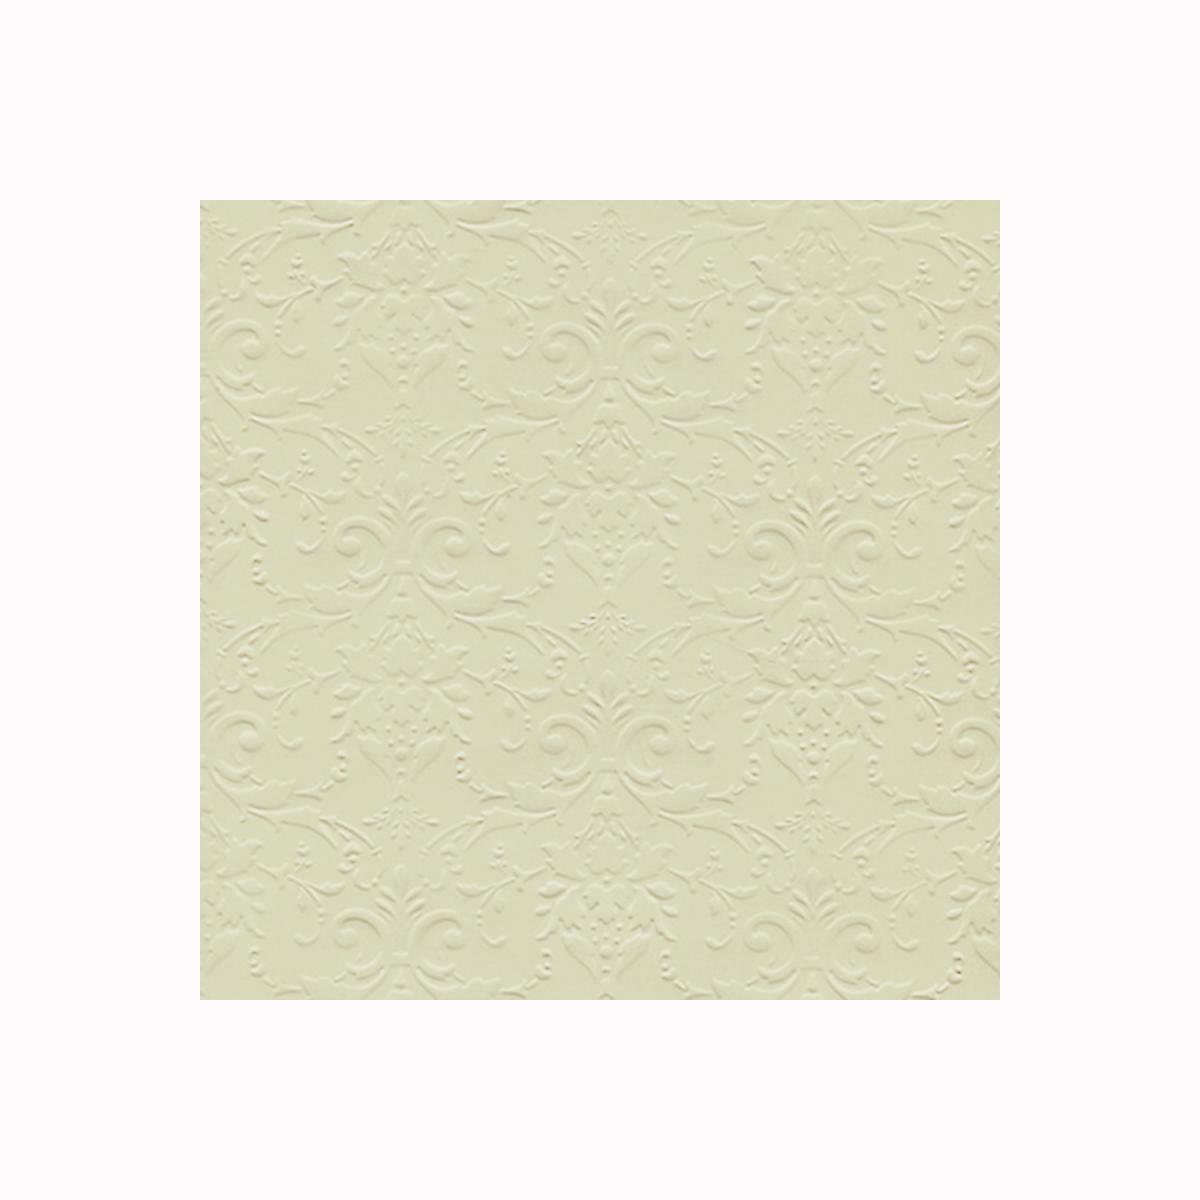 Бумага фактурная Лоза Дамасский узор, цвет: светло-зеленый, 3 листа09840-20.000.00Фактурная бумага для скрапбукинга Лоза Дамасский узор позволит создать красивый альбом, фоторамку или открытку ручной работы, оформить подарок или аппликацию. Набор включает в себя 3 листа из плотной бумаги. Скрапбукинг - это хобби, которое способно приносить массу приятных эмоций не только человеку, который этим занимается, но и его близким, друзьям, родным. Это невероятно увлекательное занятие, которое поможет вам сохранить наиболее памятные и яркие моменты вашей жизни, а также интересно оформить интерьер дома.